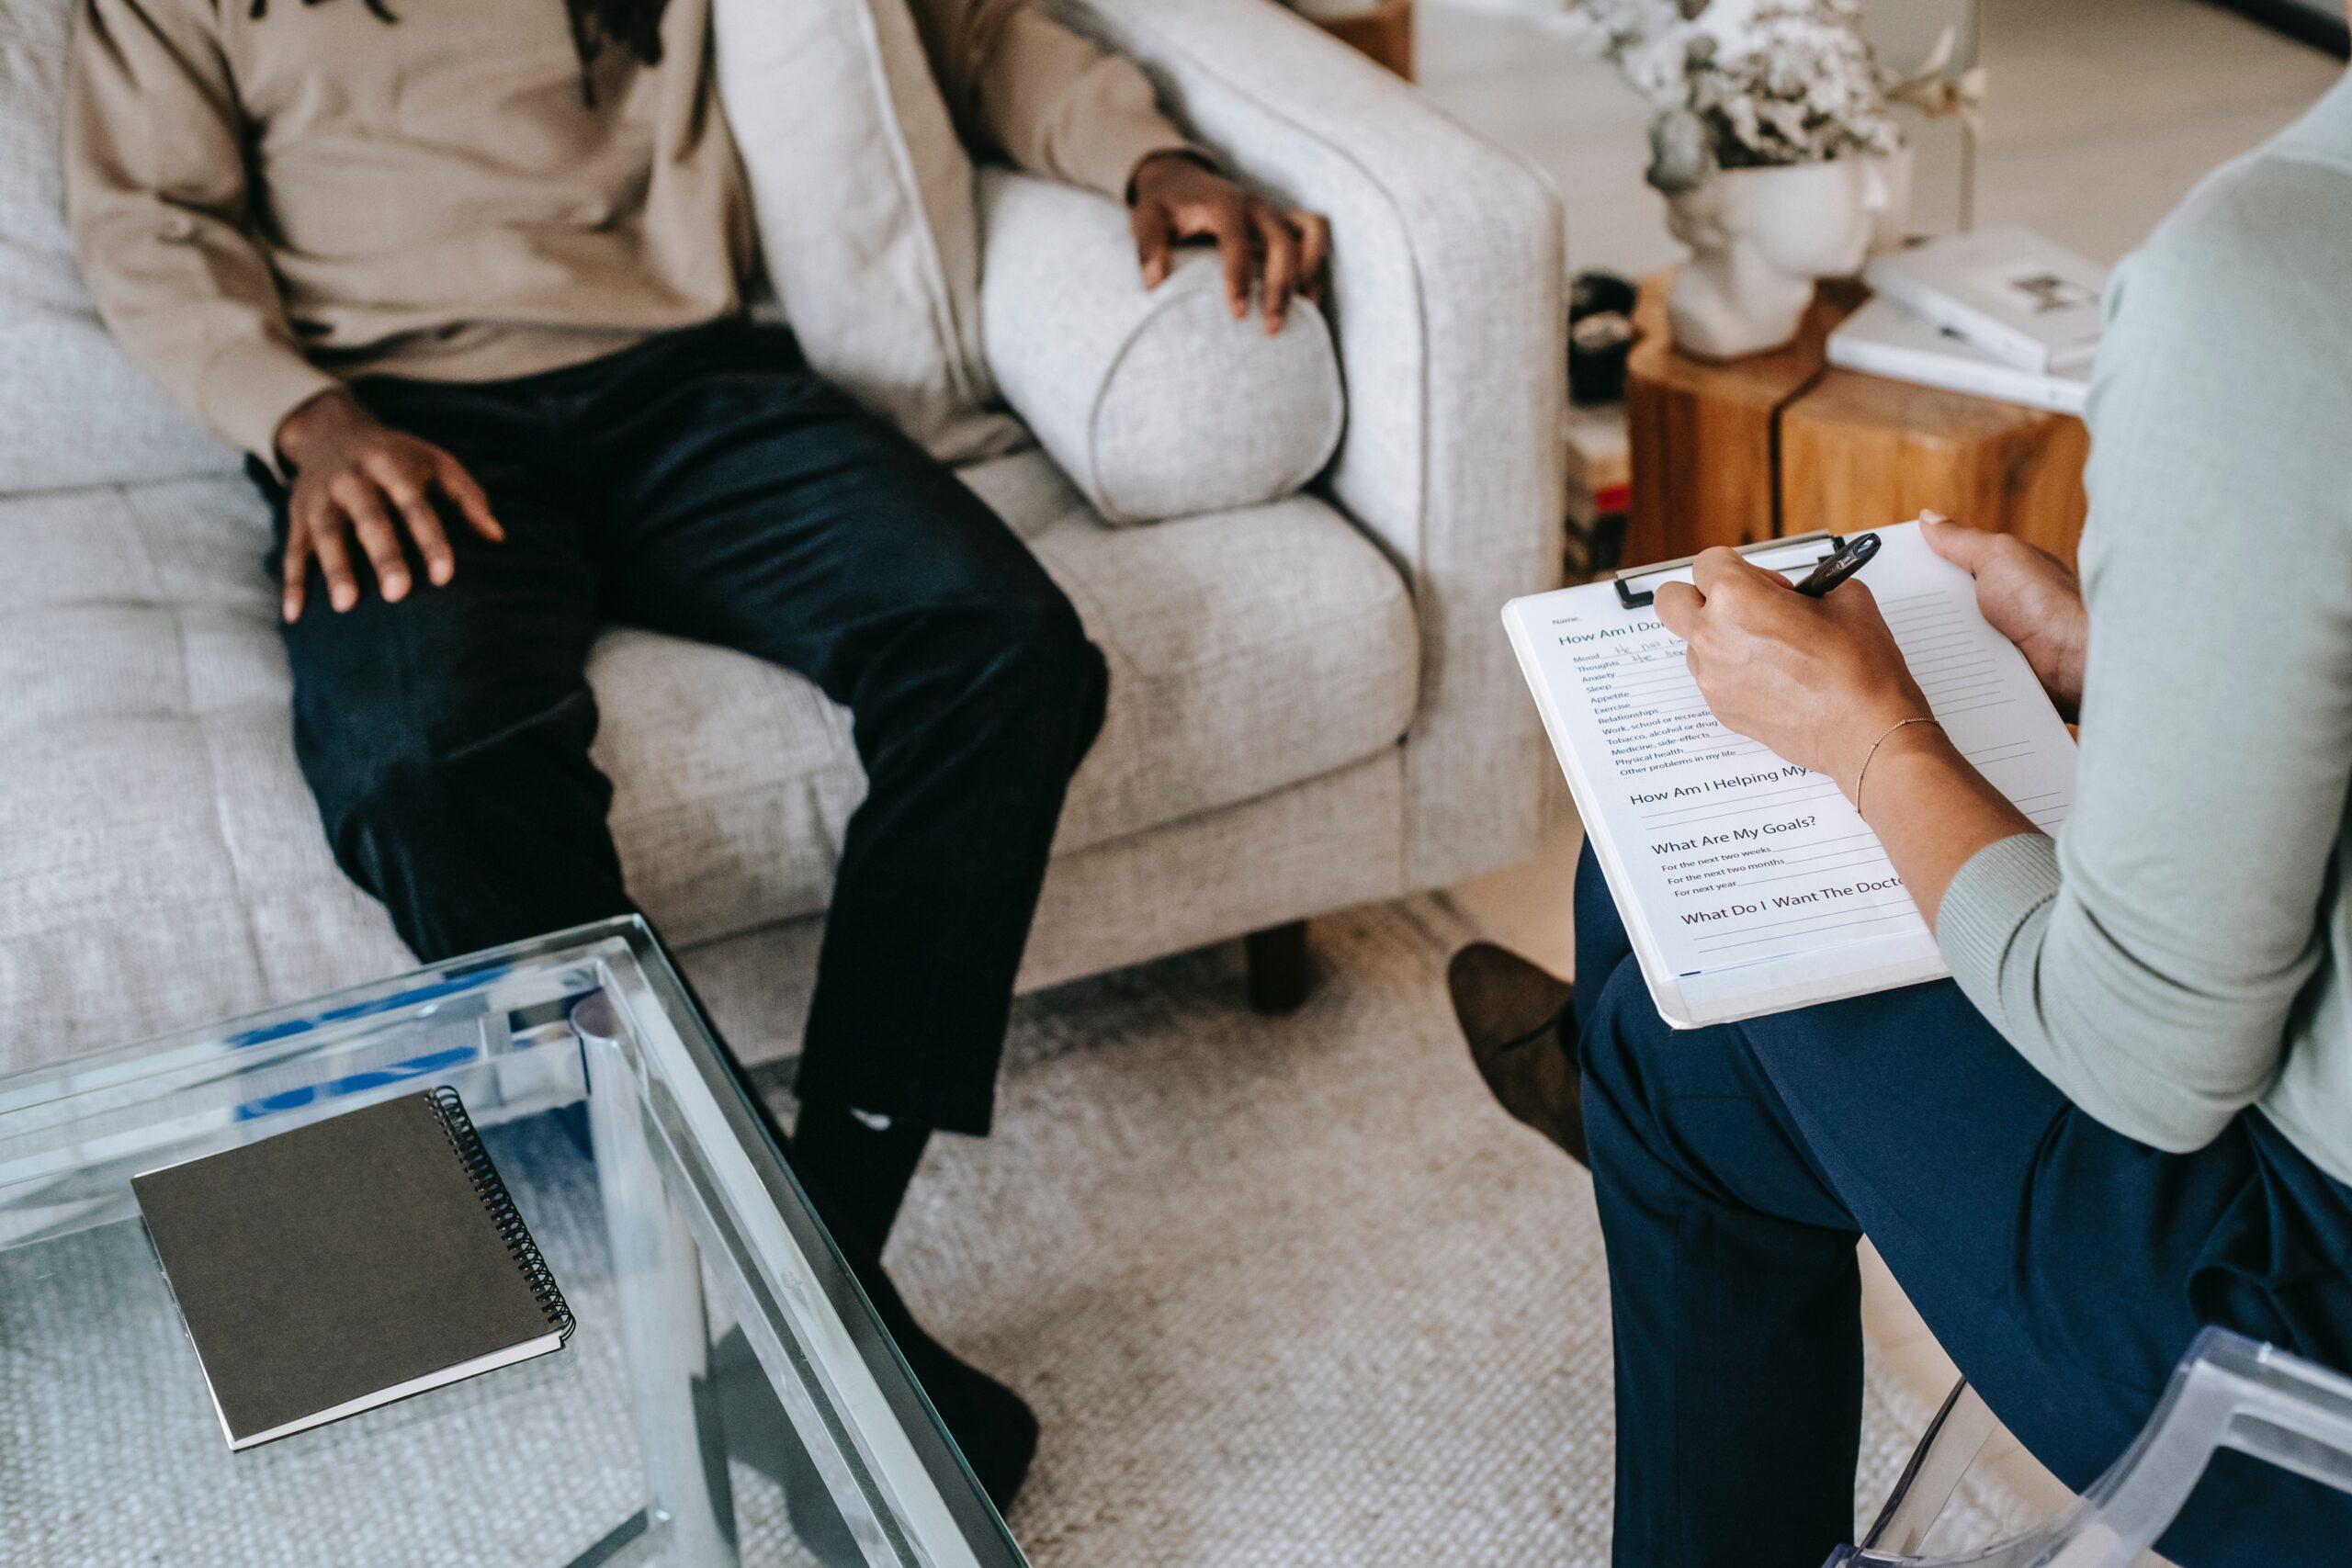 Clínica de reabilitação: como funciona o tratamento